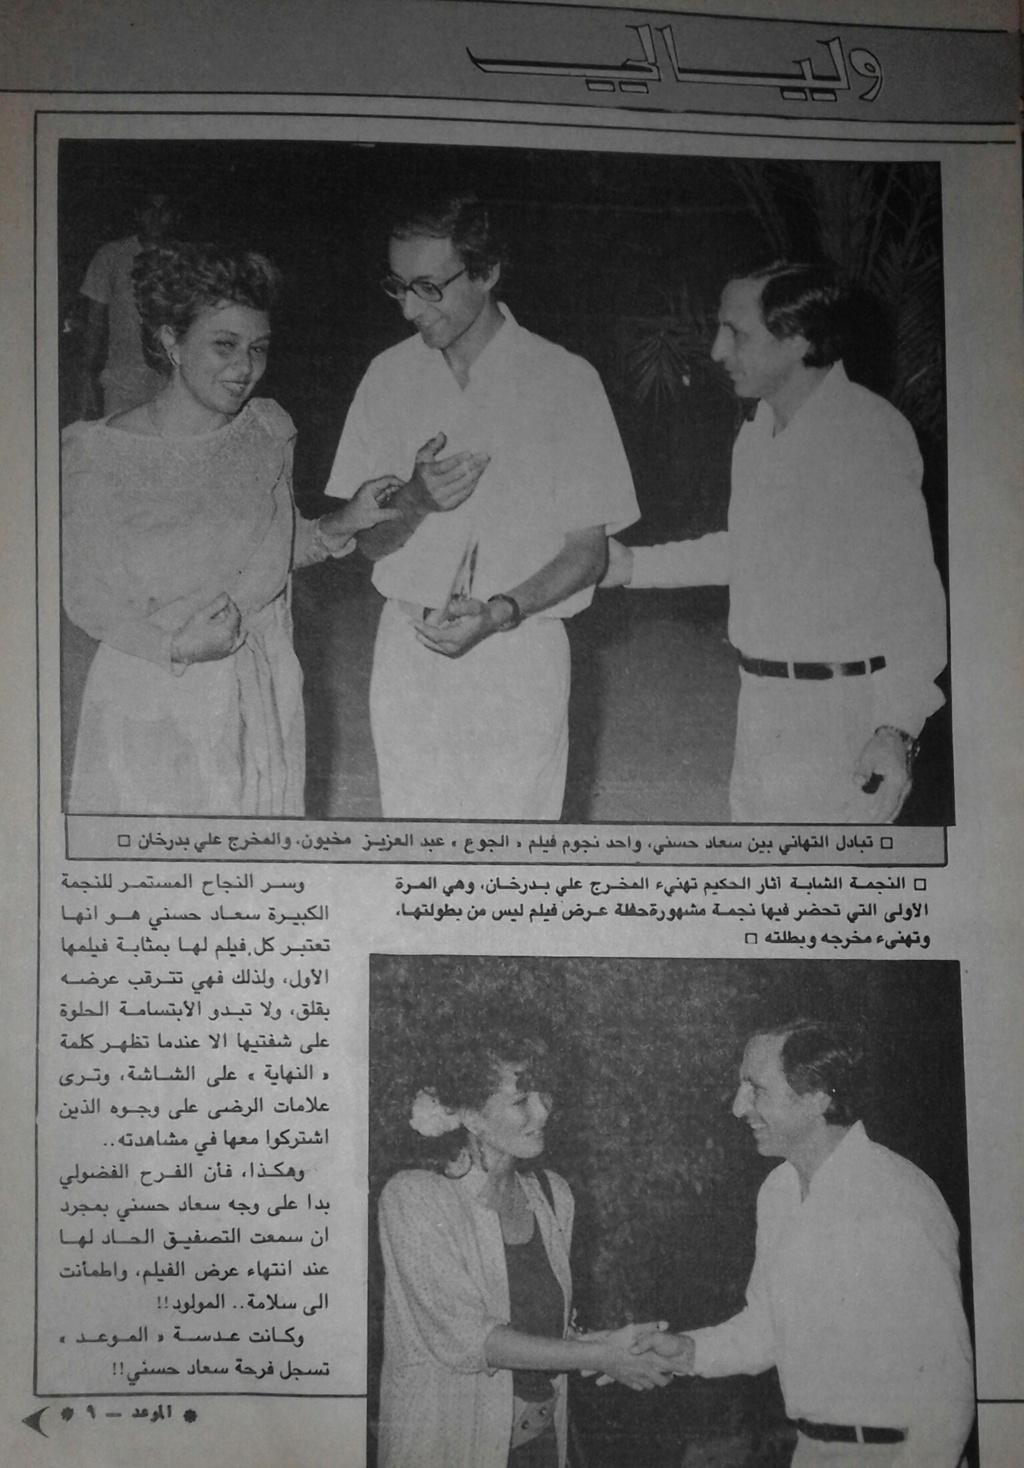 صحفي - مقال صحفي : .. واطمأنت سعاد حسني إلى سلامة المولود ! 1986 م 230